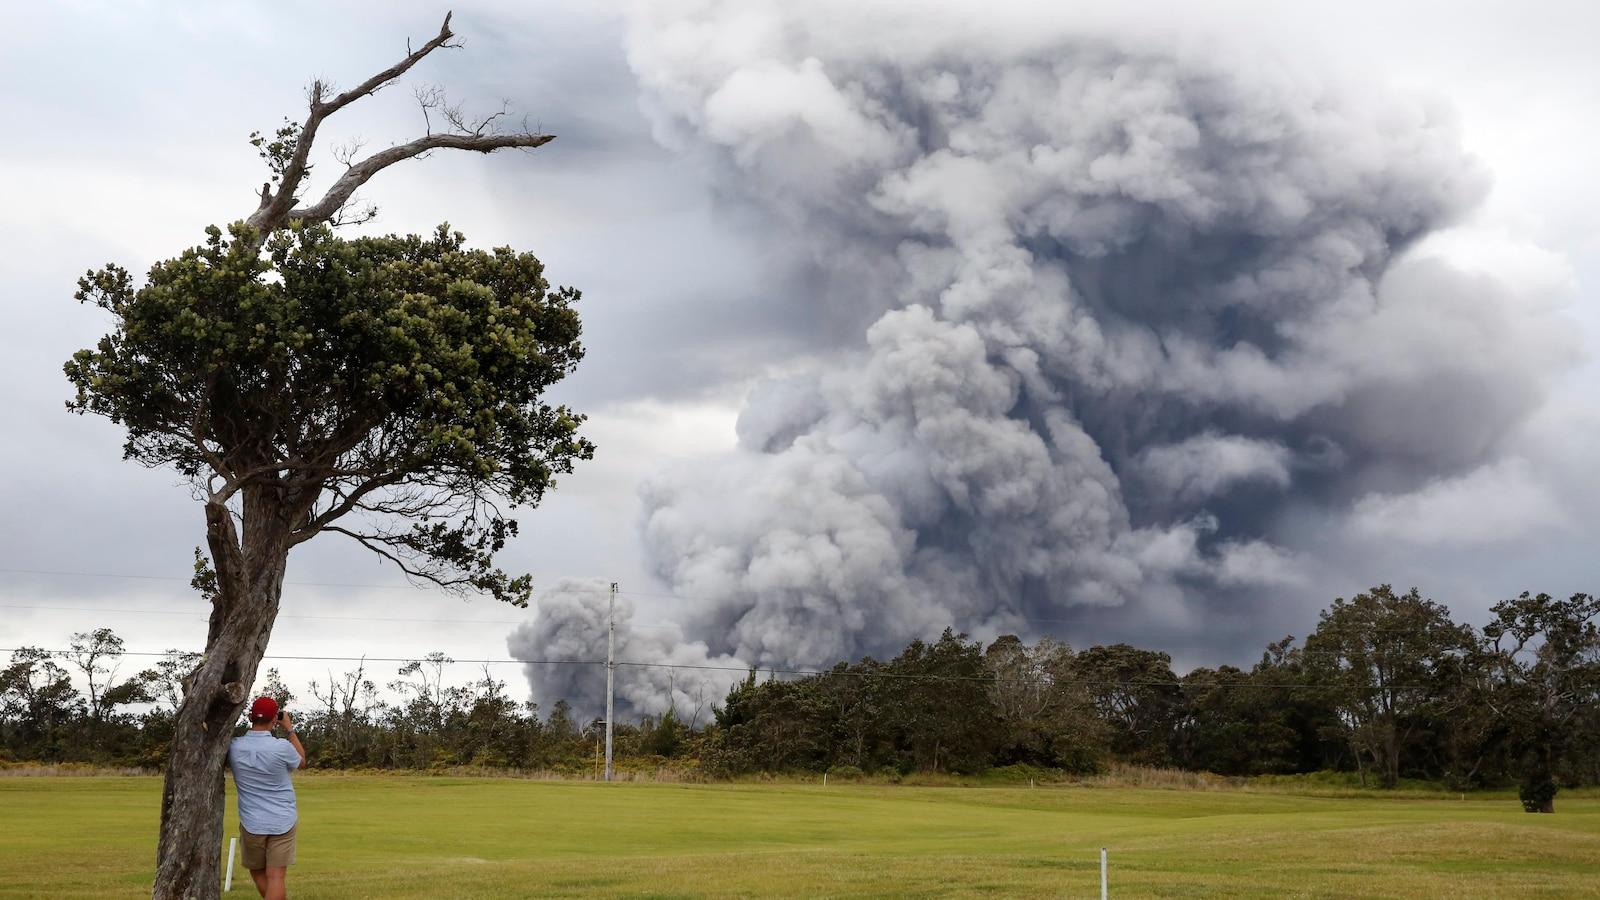 Un homme regarde au loin les éruptions du volcan Kilauea, qui assombrit le ciel de fumée.